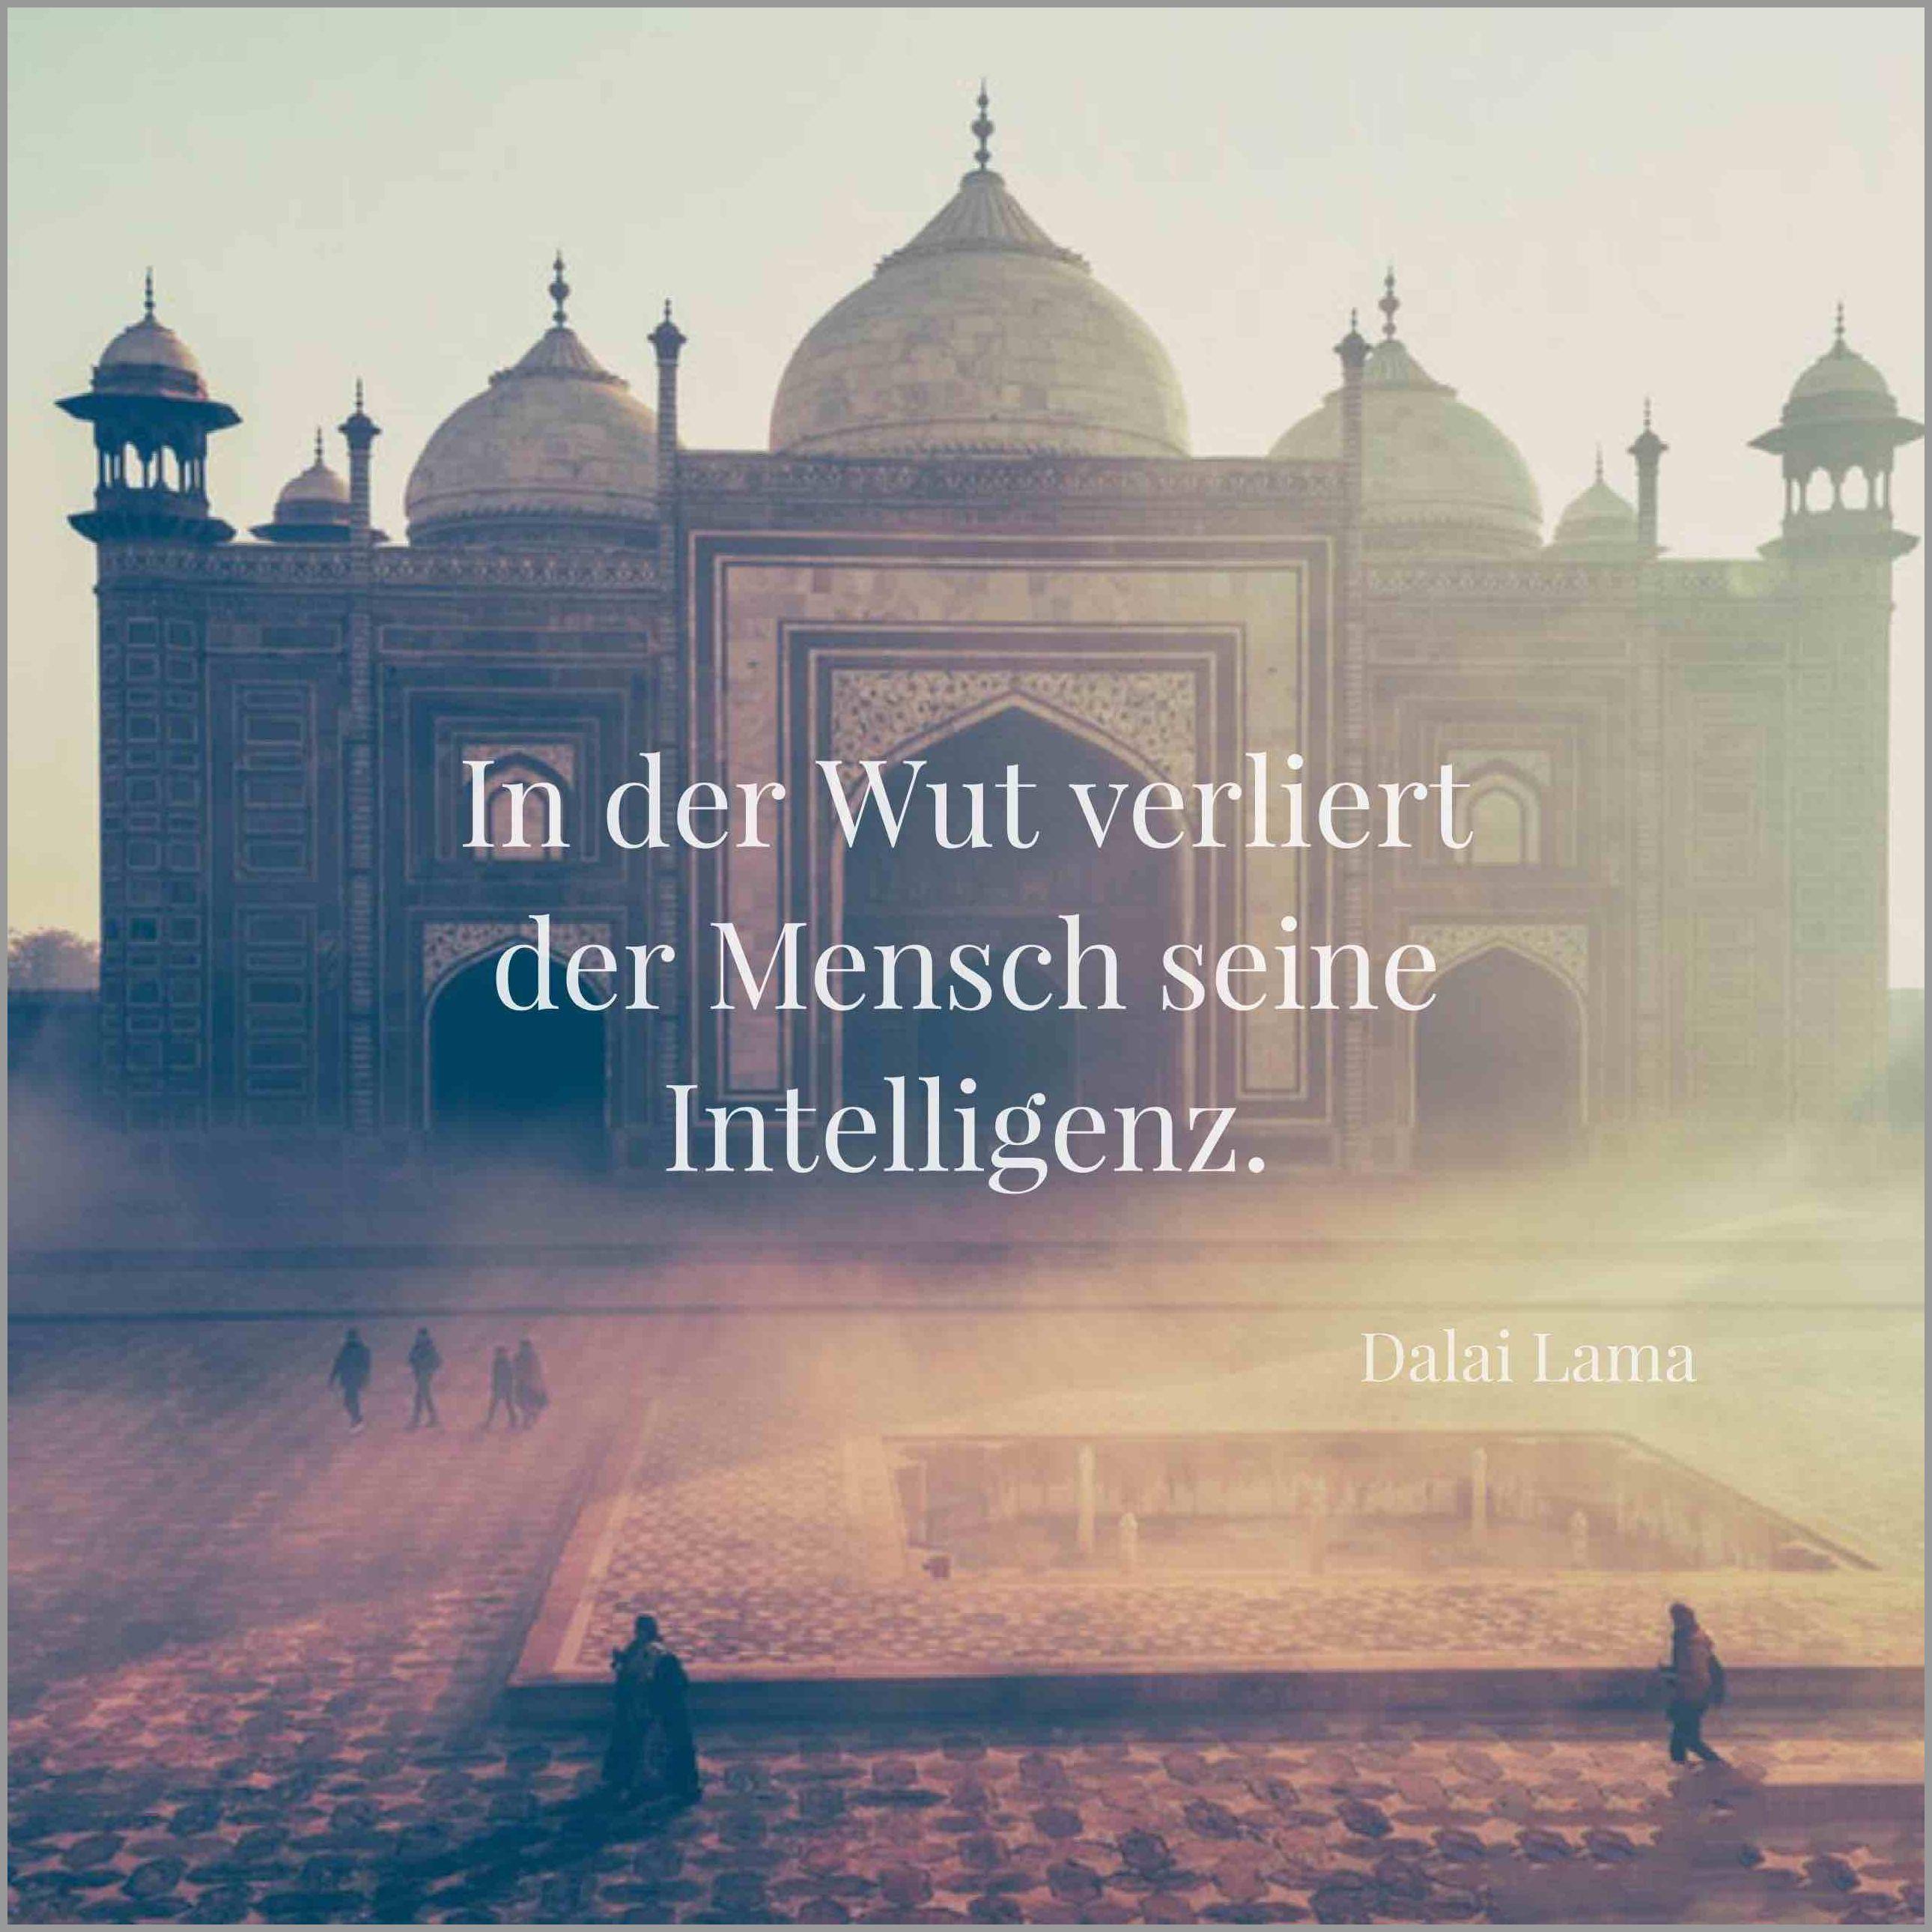 In der wut verliert der mensch seine intelligenz - In der wut verliert der mensch seine intelligenz